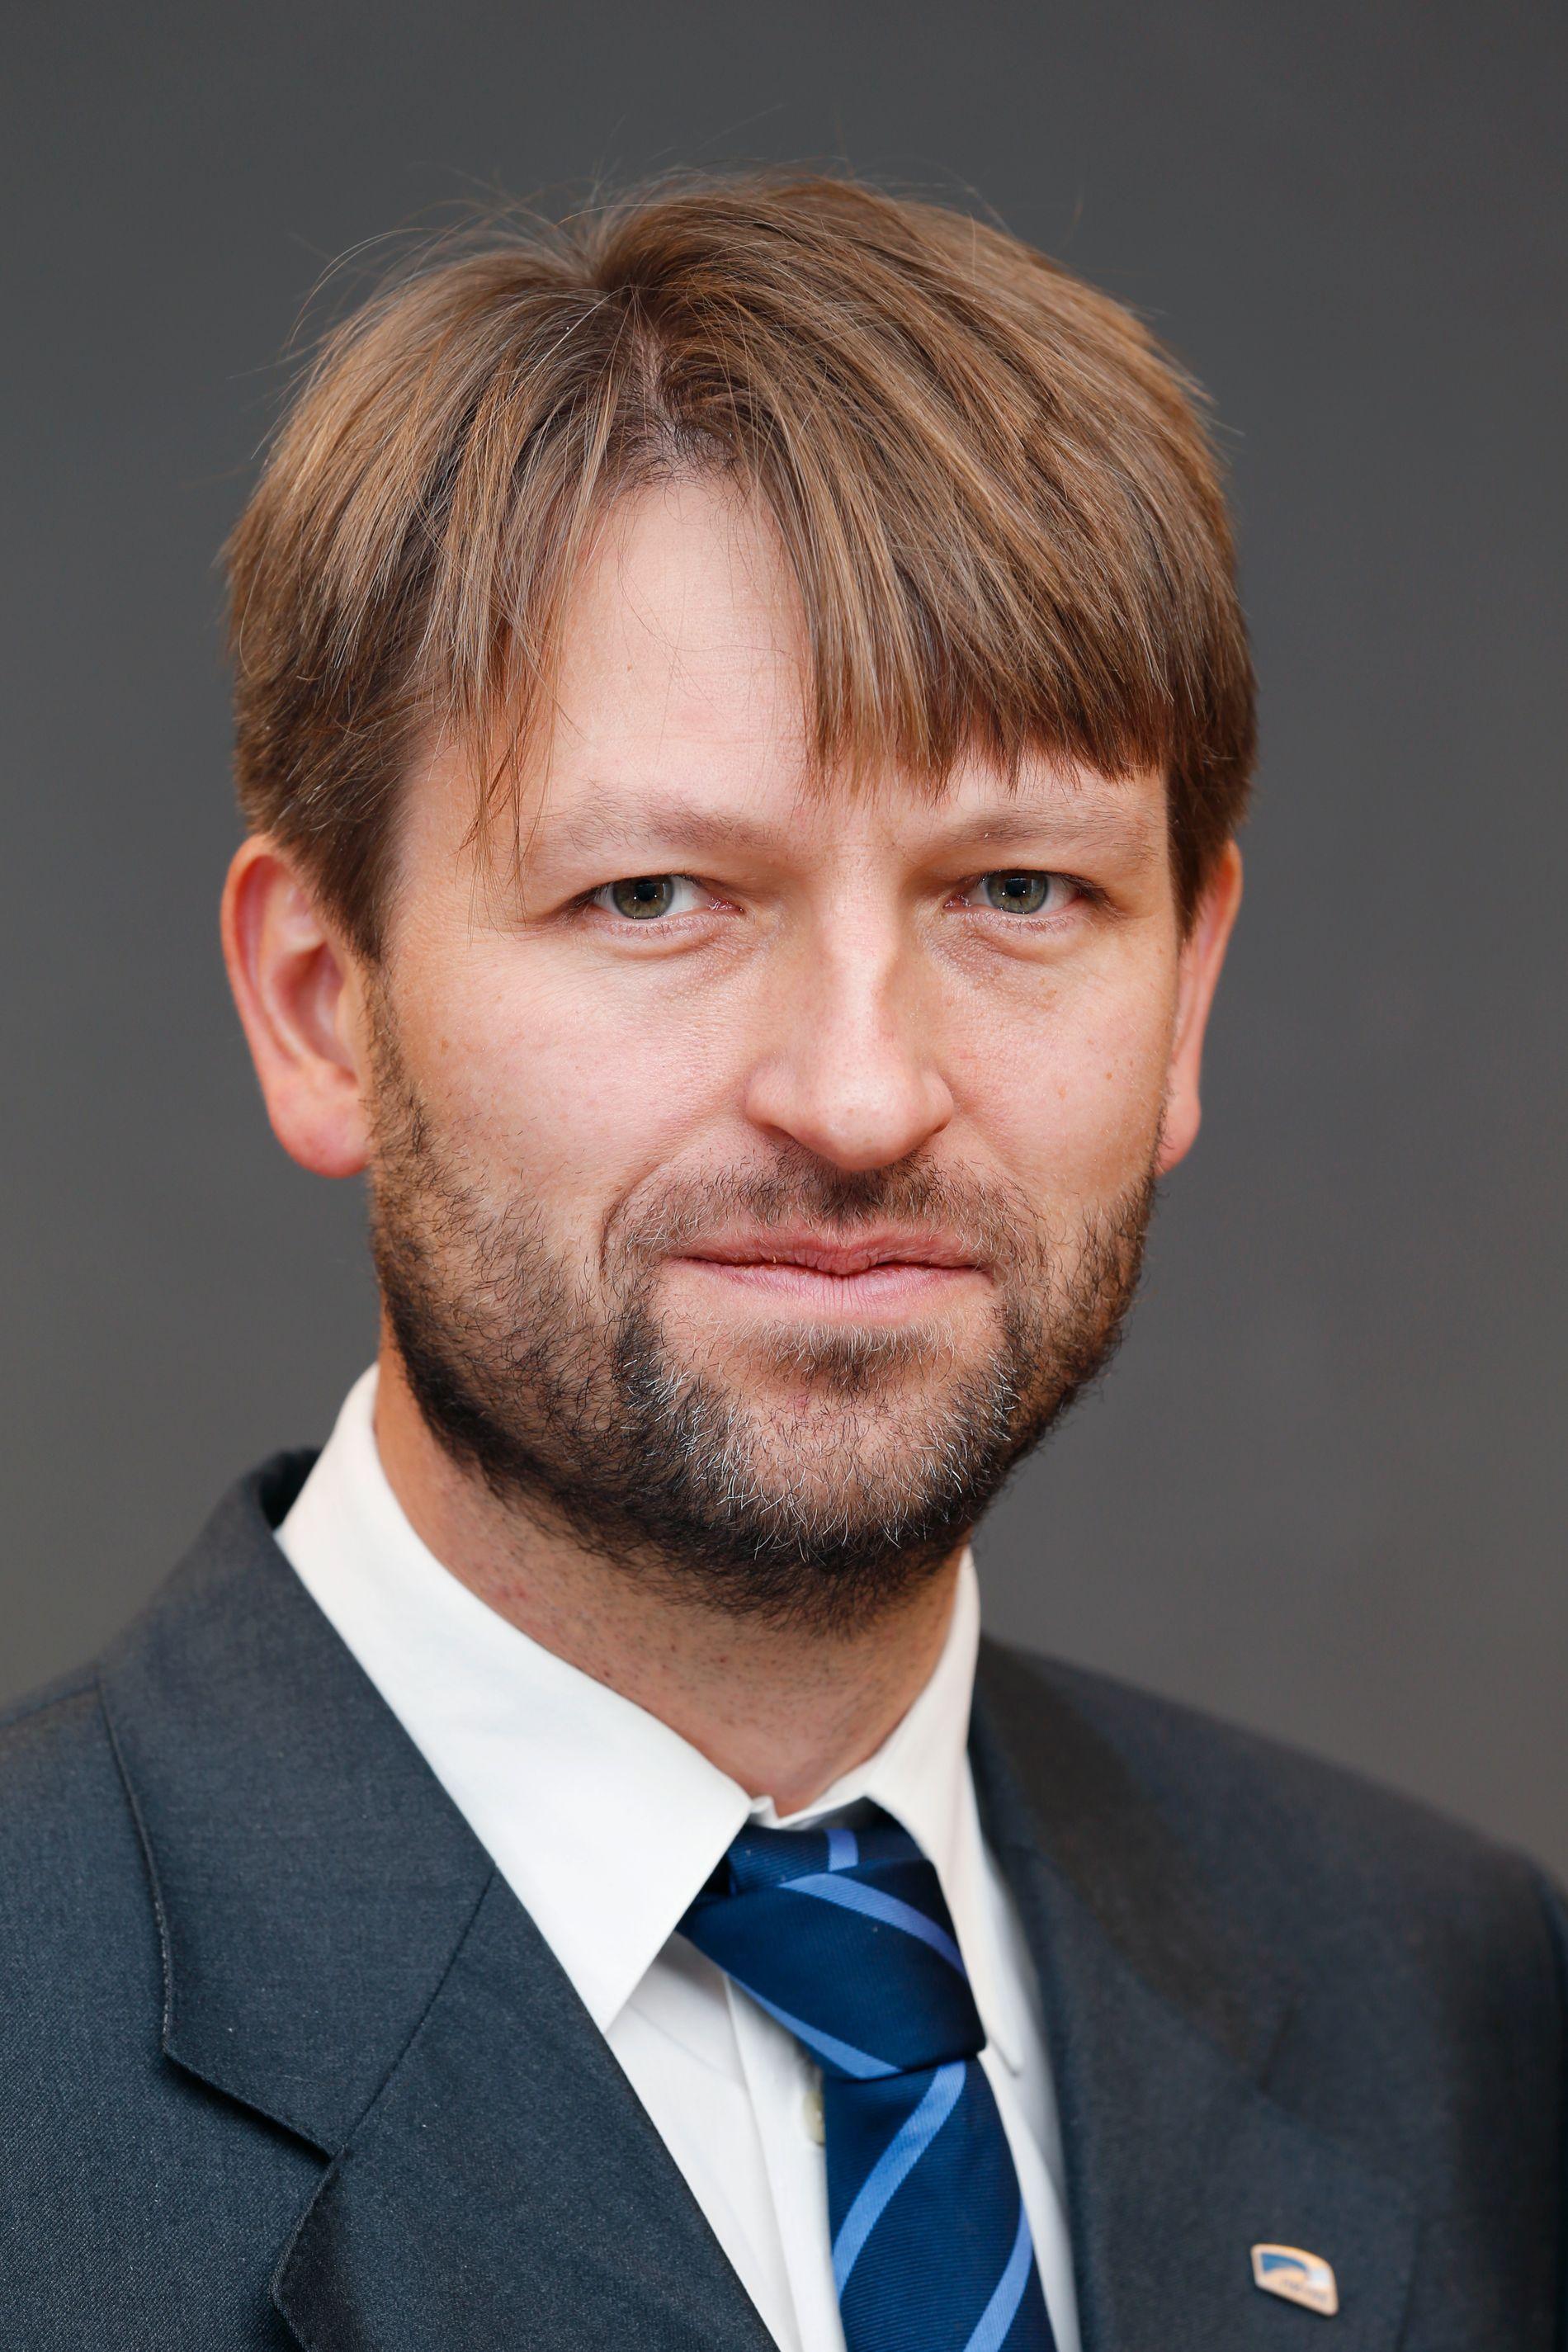 FØLER SEG IKKE TRUFFET: Eirik Lae Solberg, Høyres gruppeleder i bystyret og finansbyråd i forrige periode, mener Raymond Johansen skylder på forgjengerne i stedet for å gjøre jobben sin.